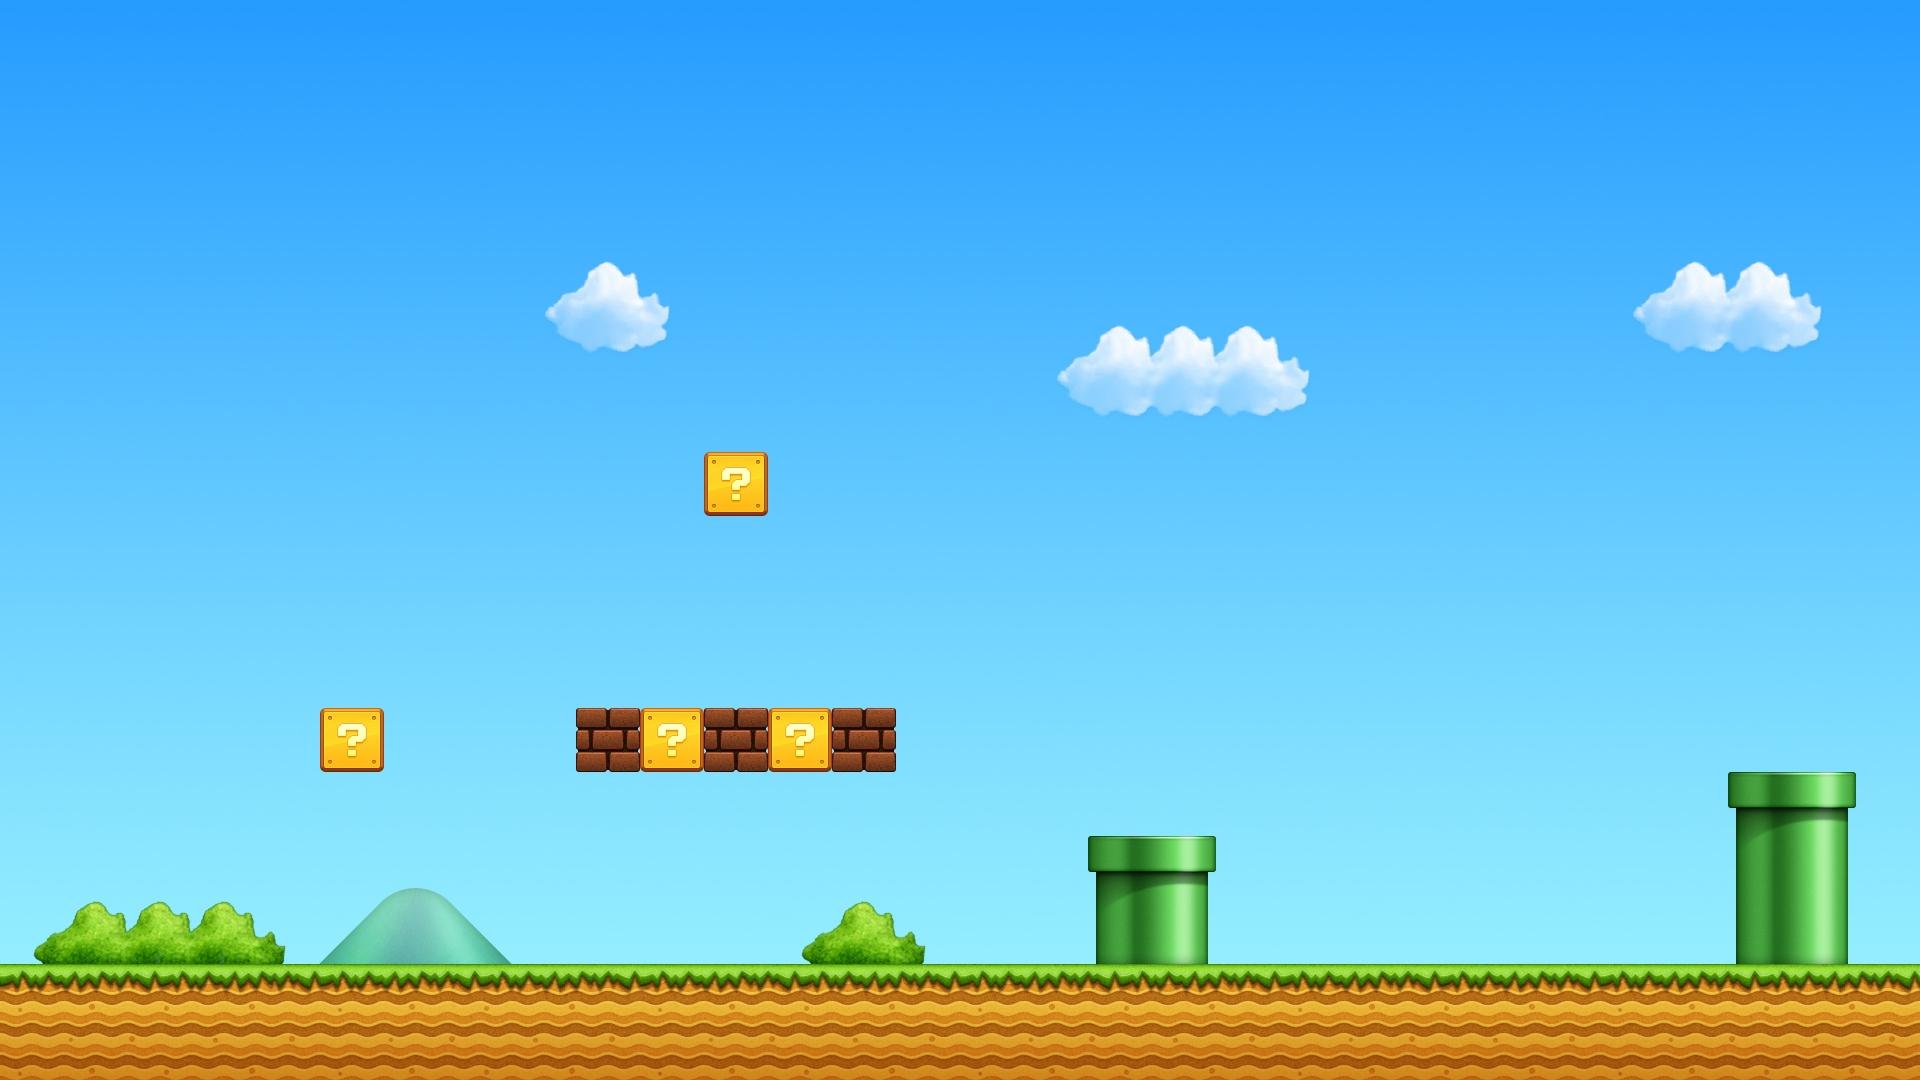 El escenario de Mario Bros - 1920x1080